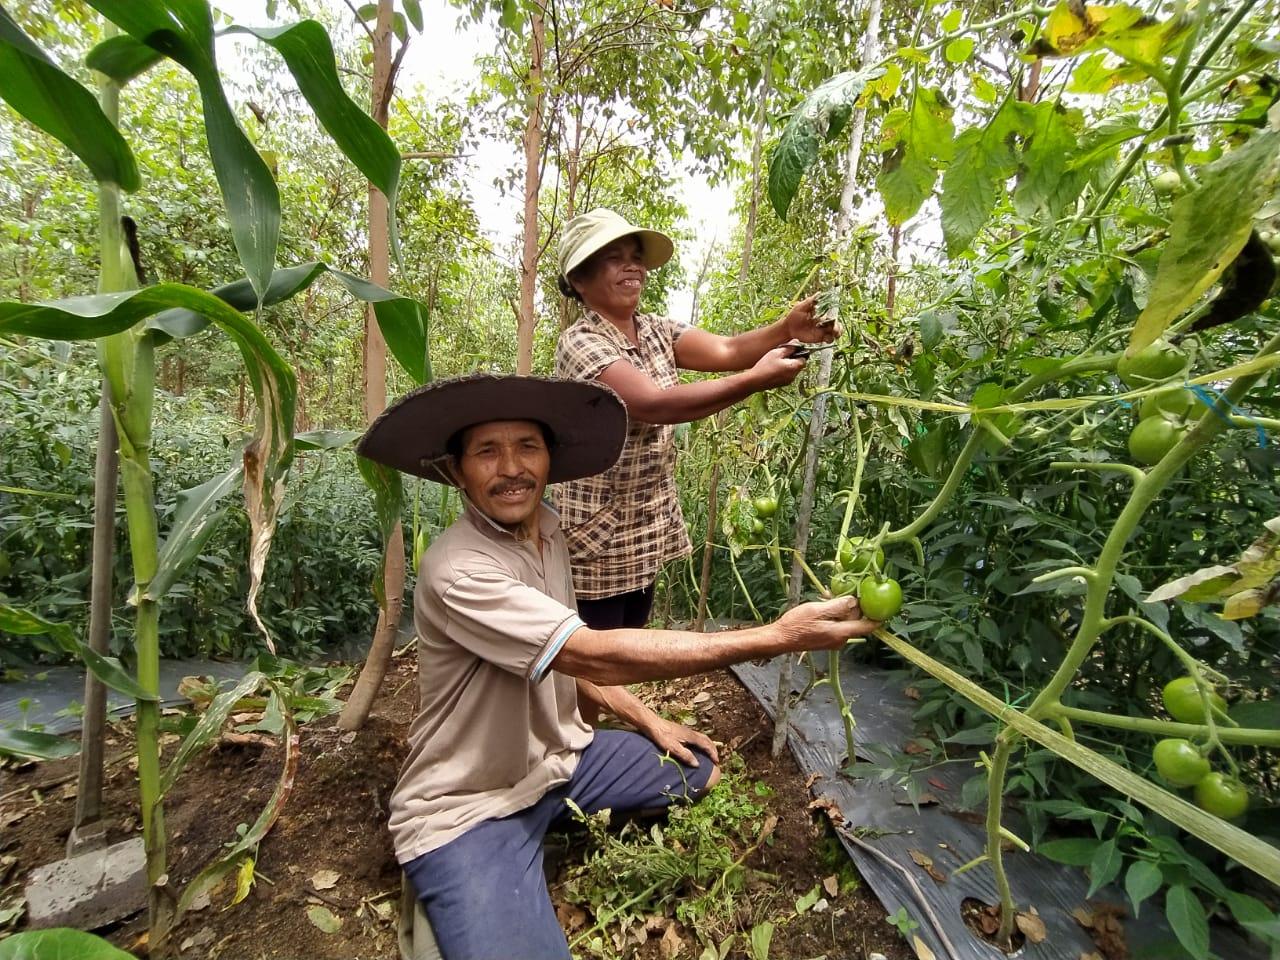 Kesuksesan Bismar Simamora Warga Humbahas Petani Binaan PT. Toba Pulp Lestari